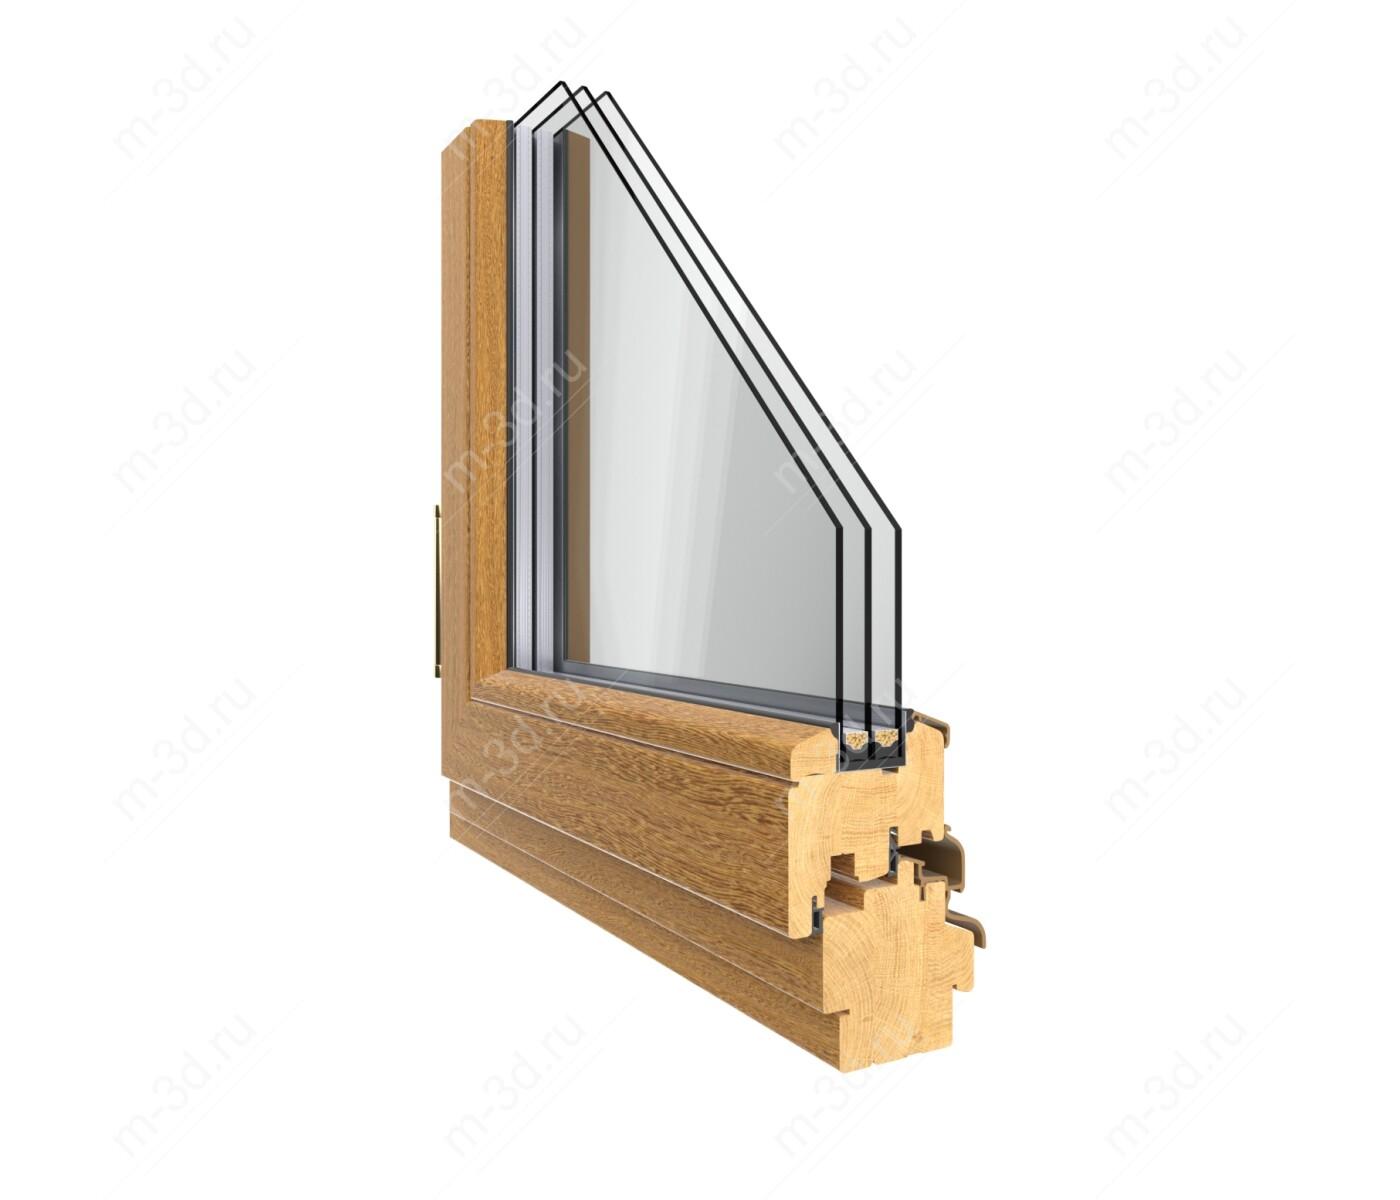 окно дубовое в разрезе